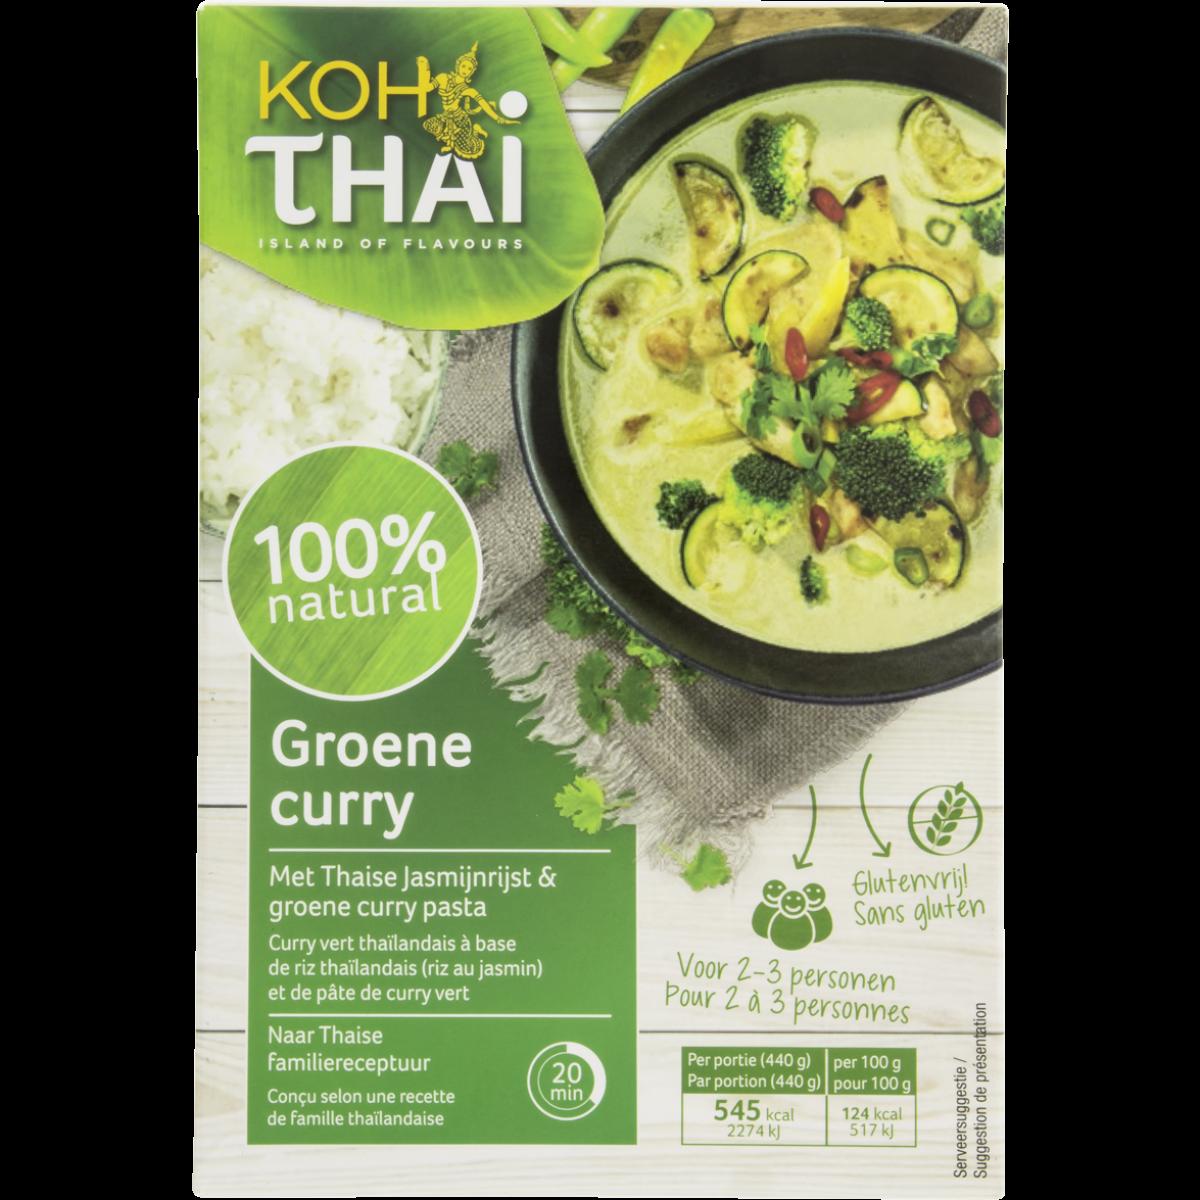 Groene Curry Maaltijdpakket